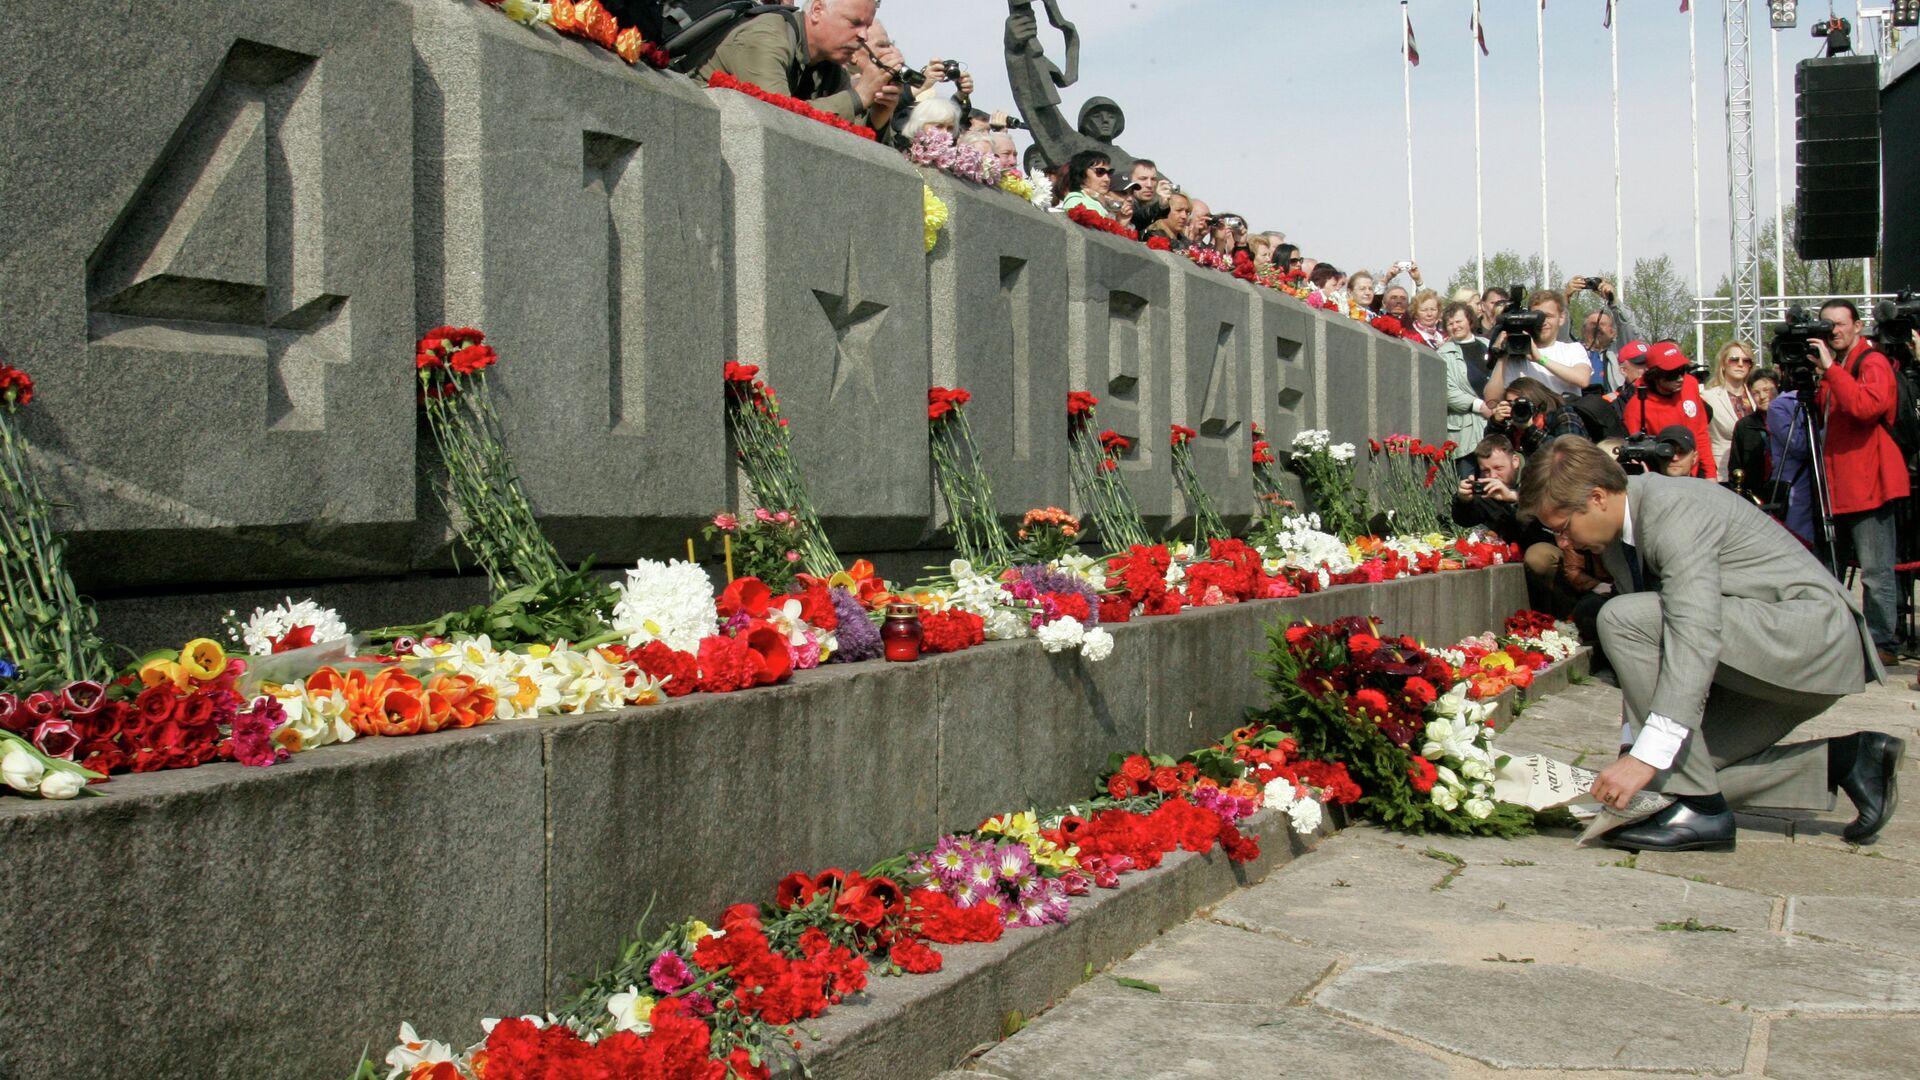 Мероприятия в честь Дня Победы в Риге. Архивное фото - РИА Новости, 1920, 05.05.2021